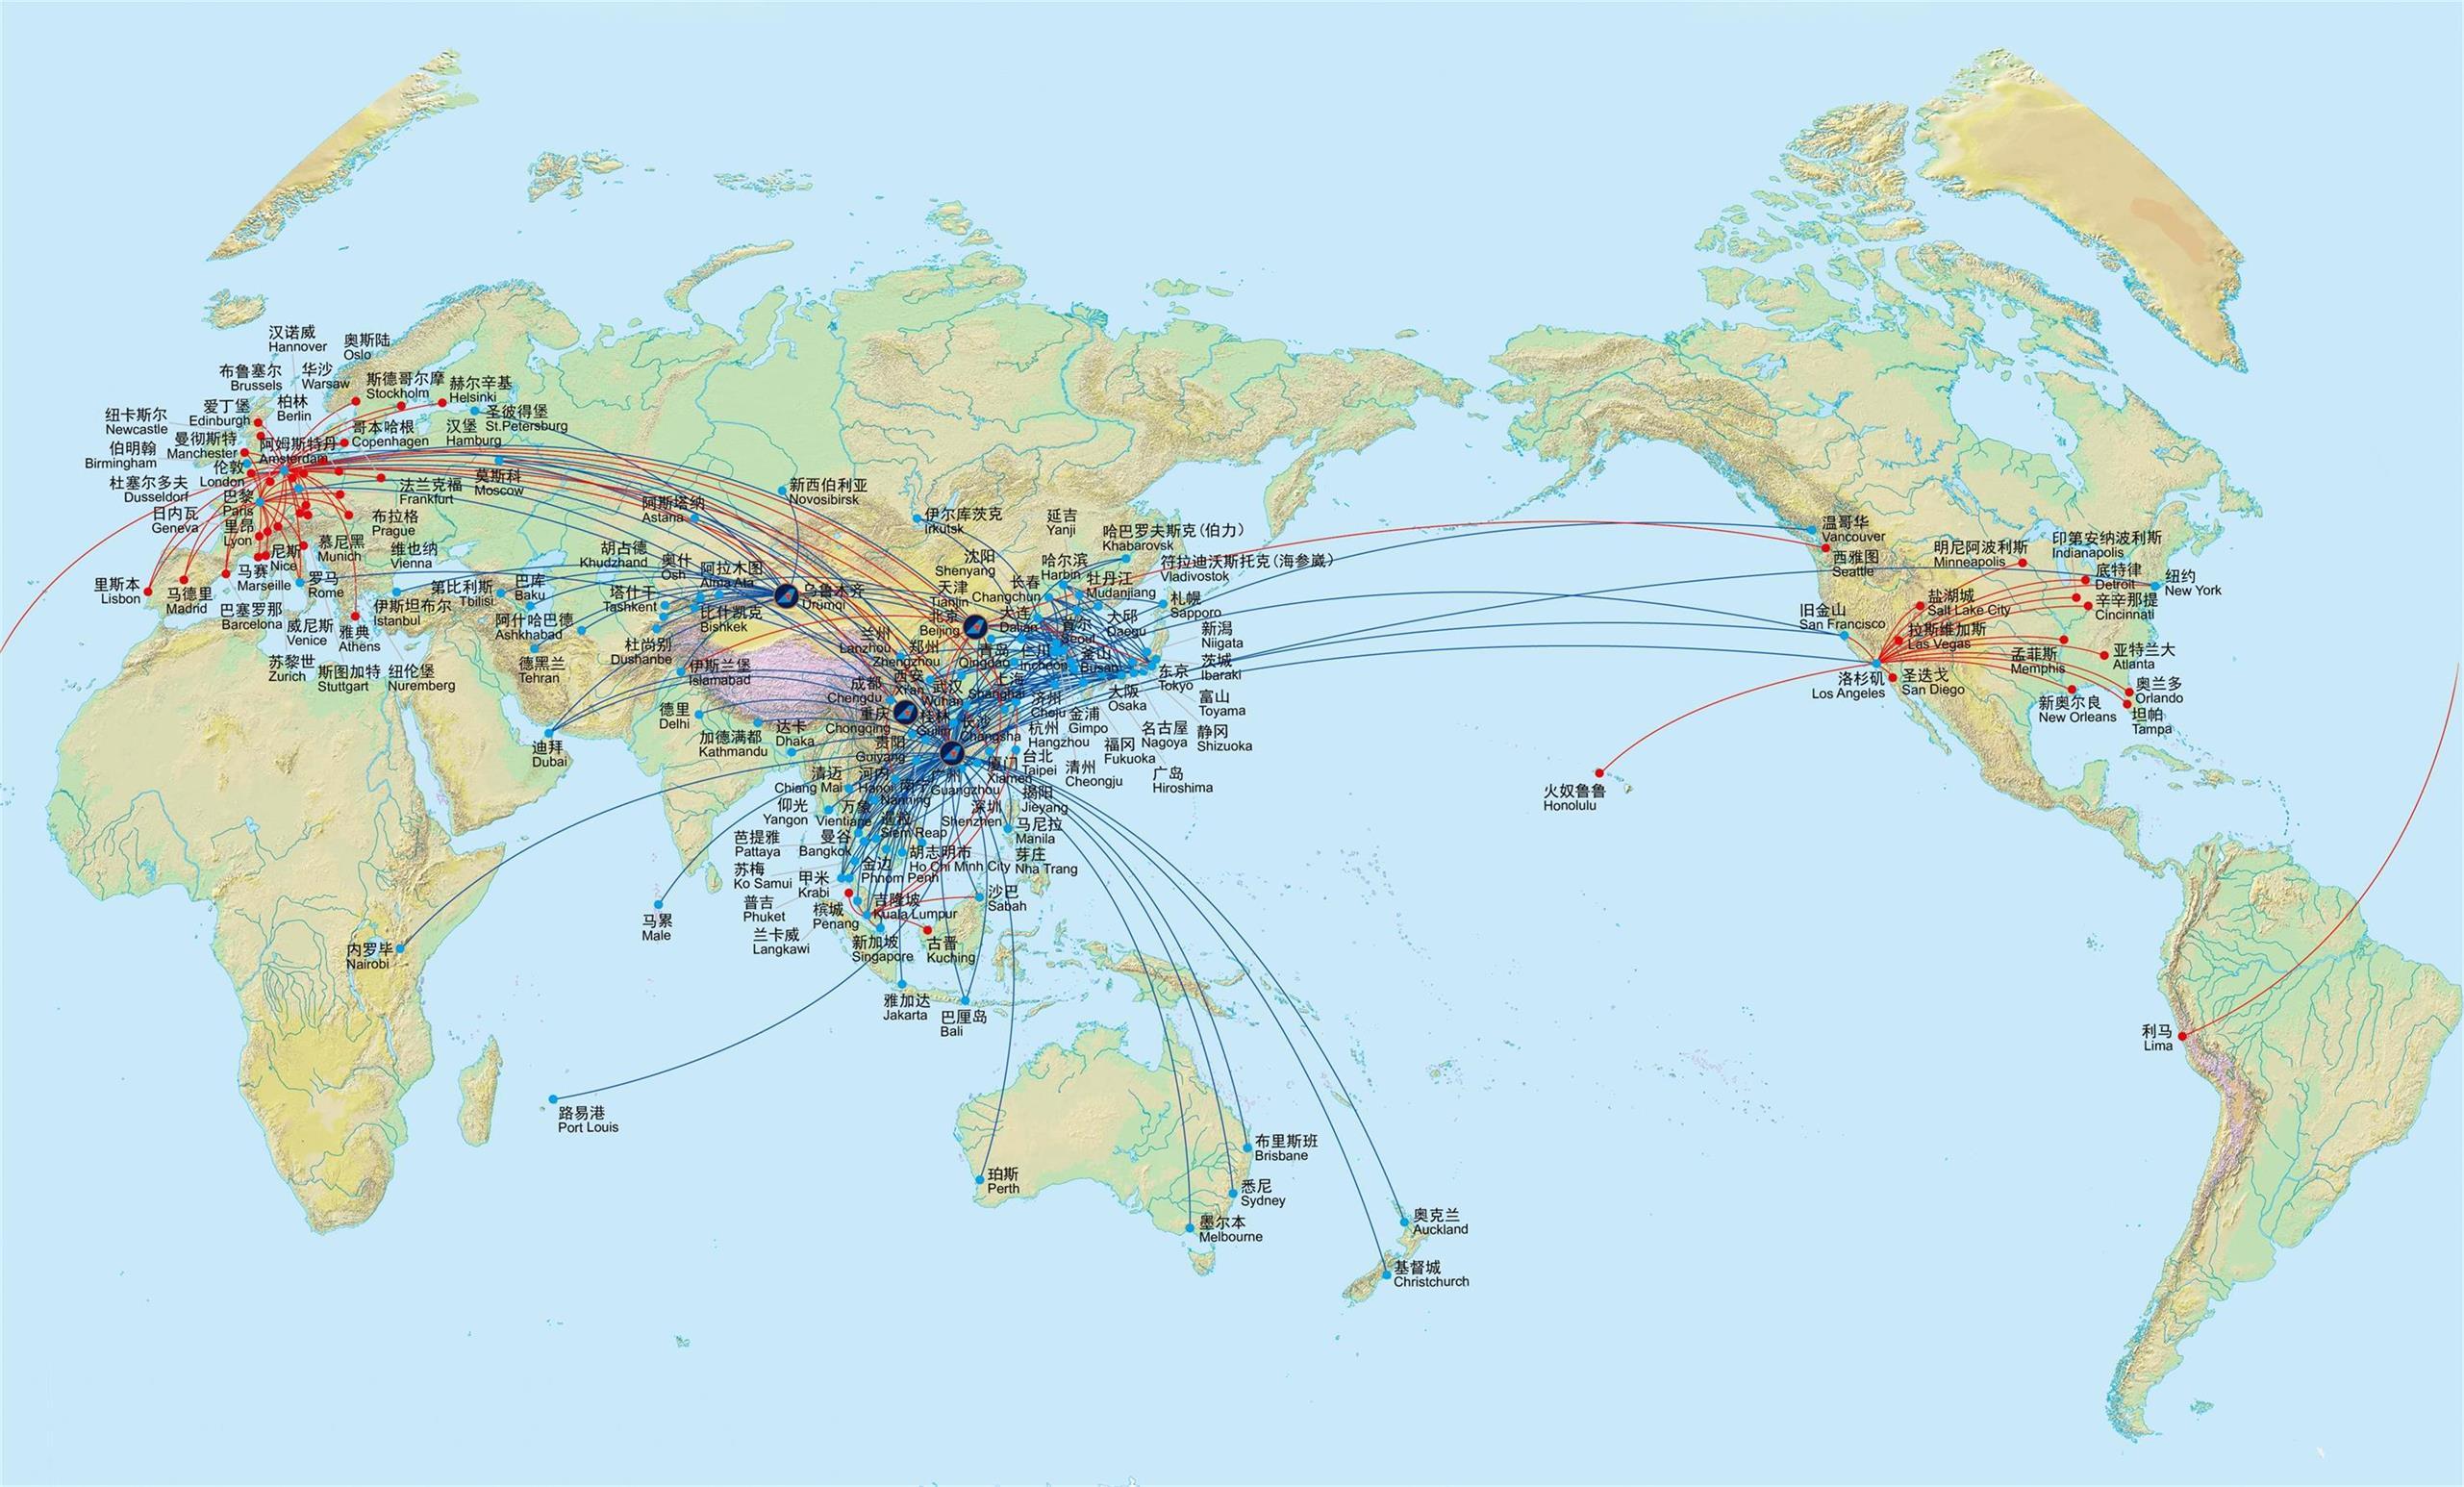 南航国际航线网络